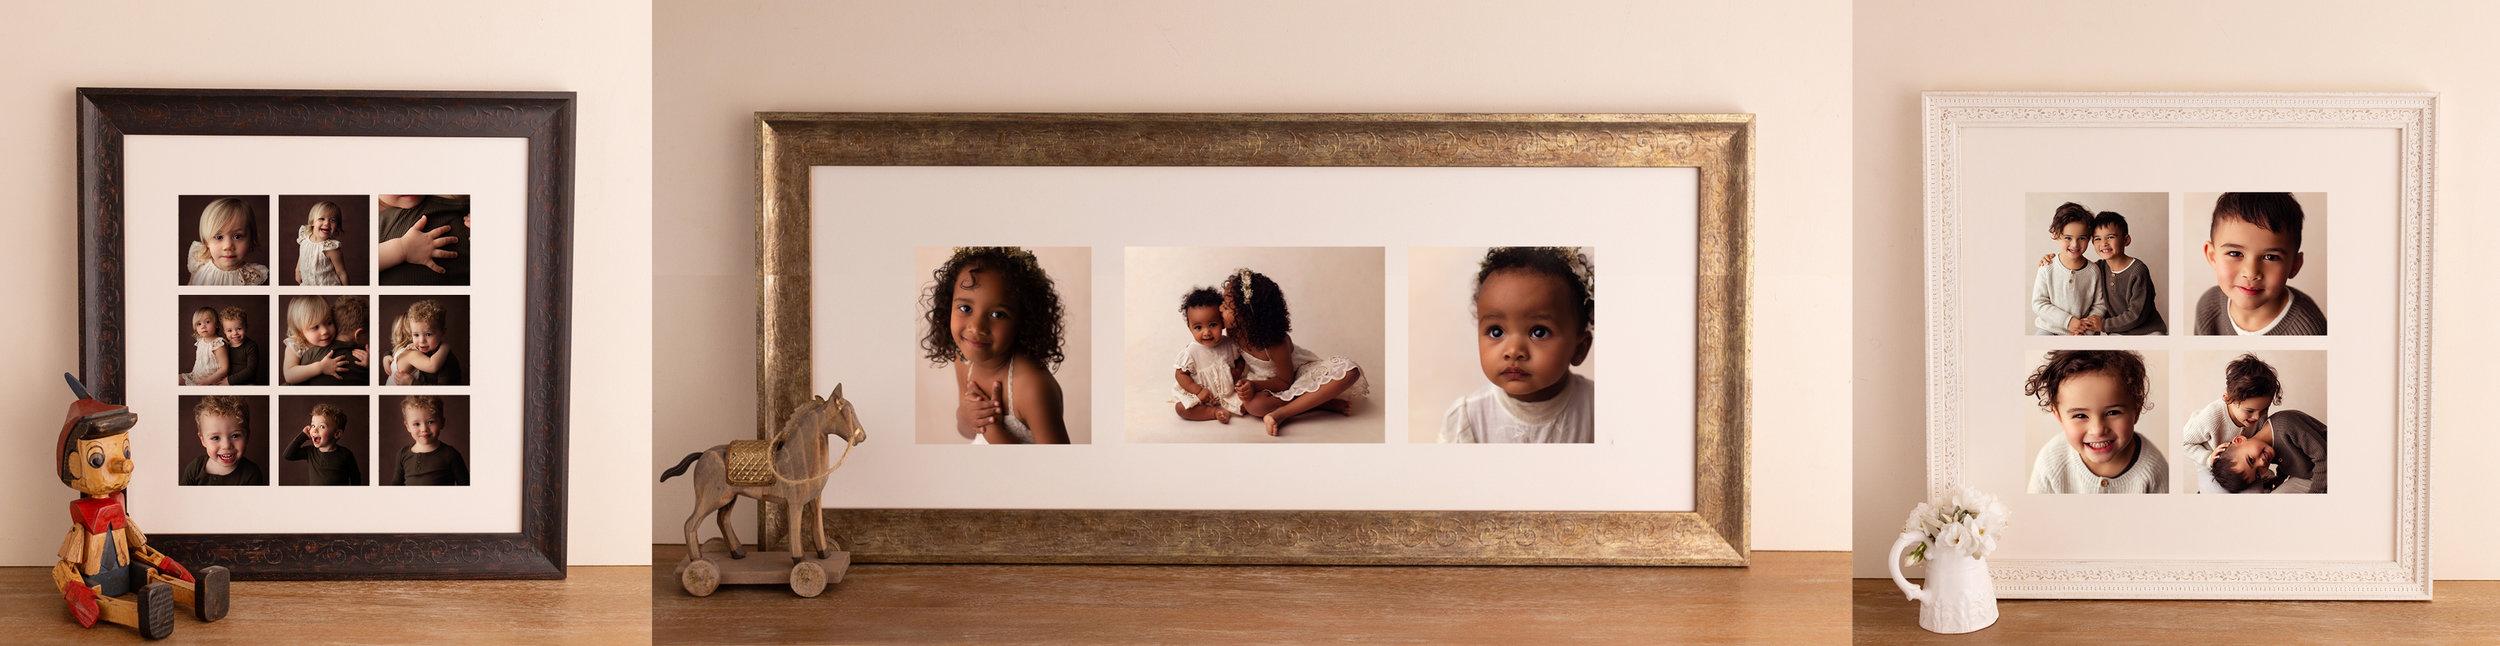 siblings frames.jpg